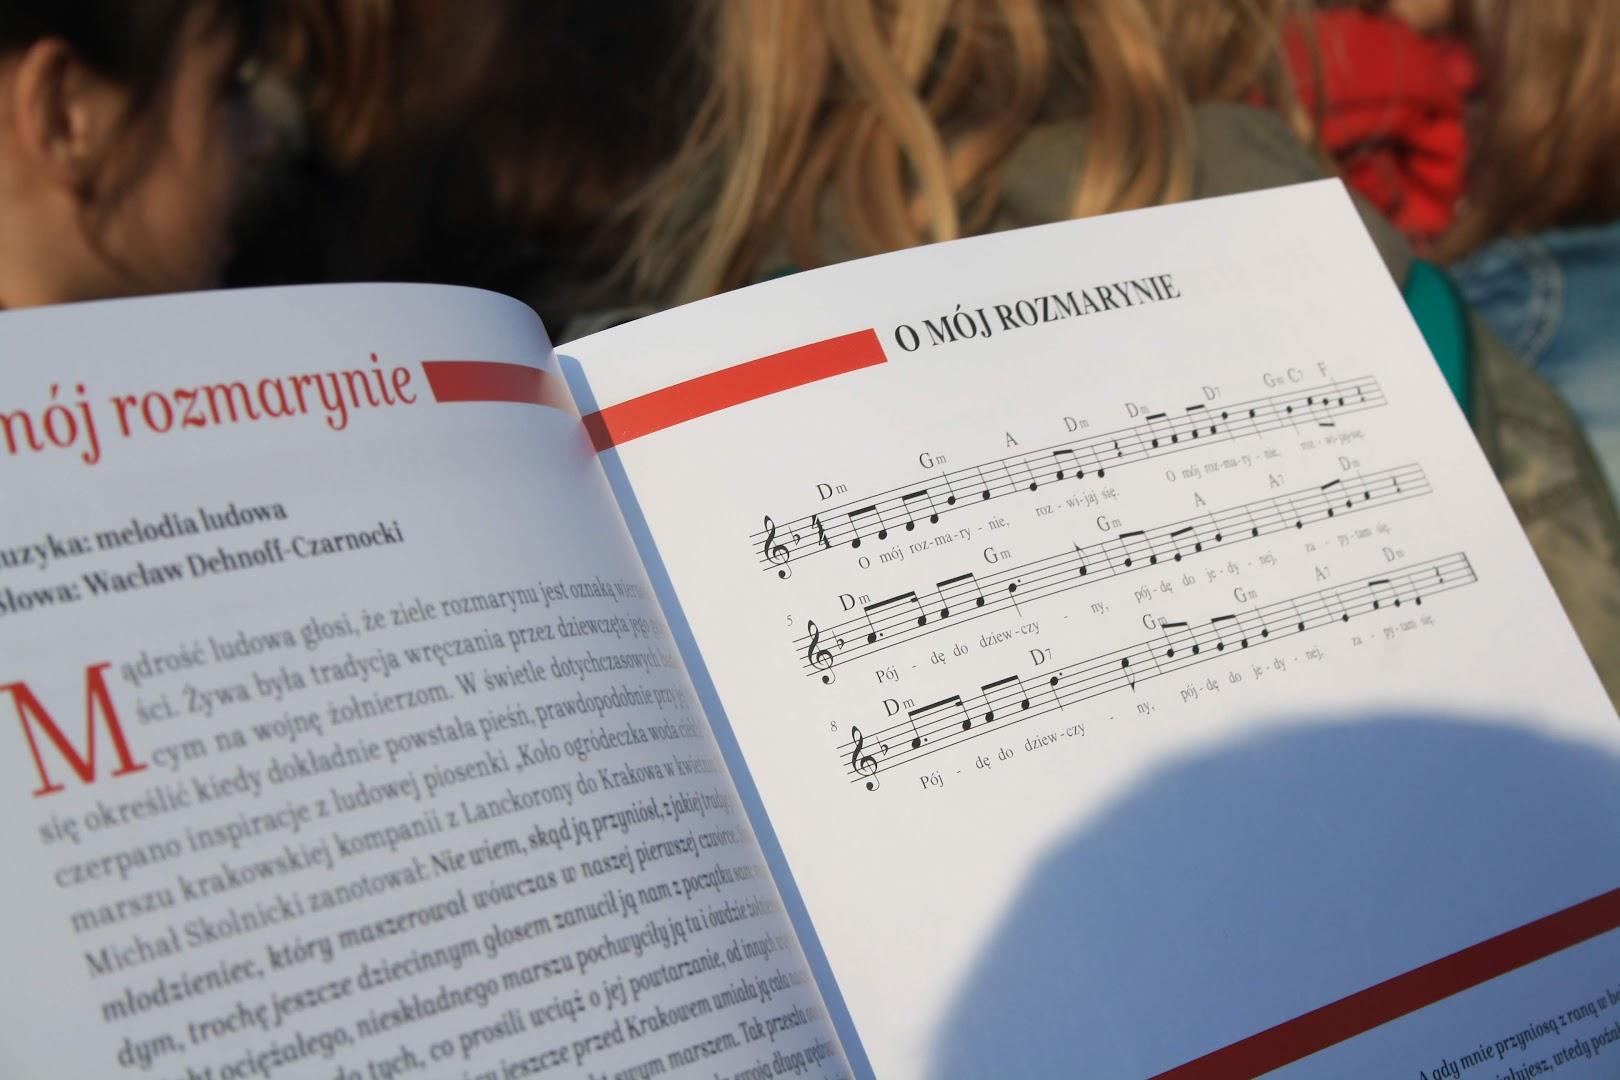 Z zycia szkoly patryjotycznre spiewanie